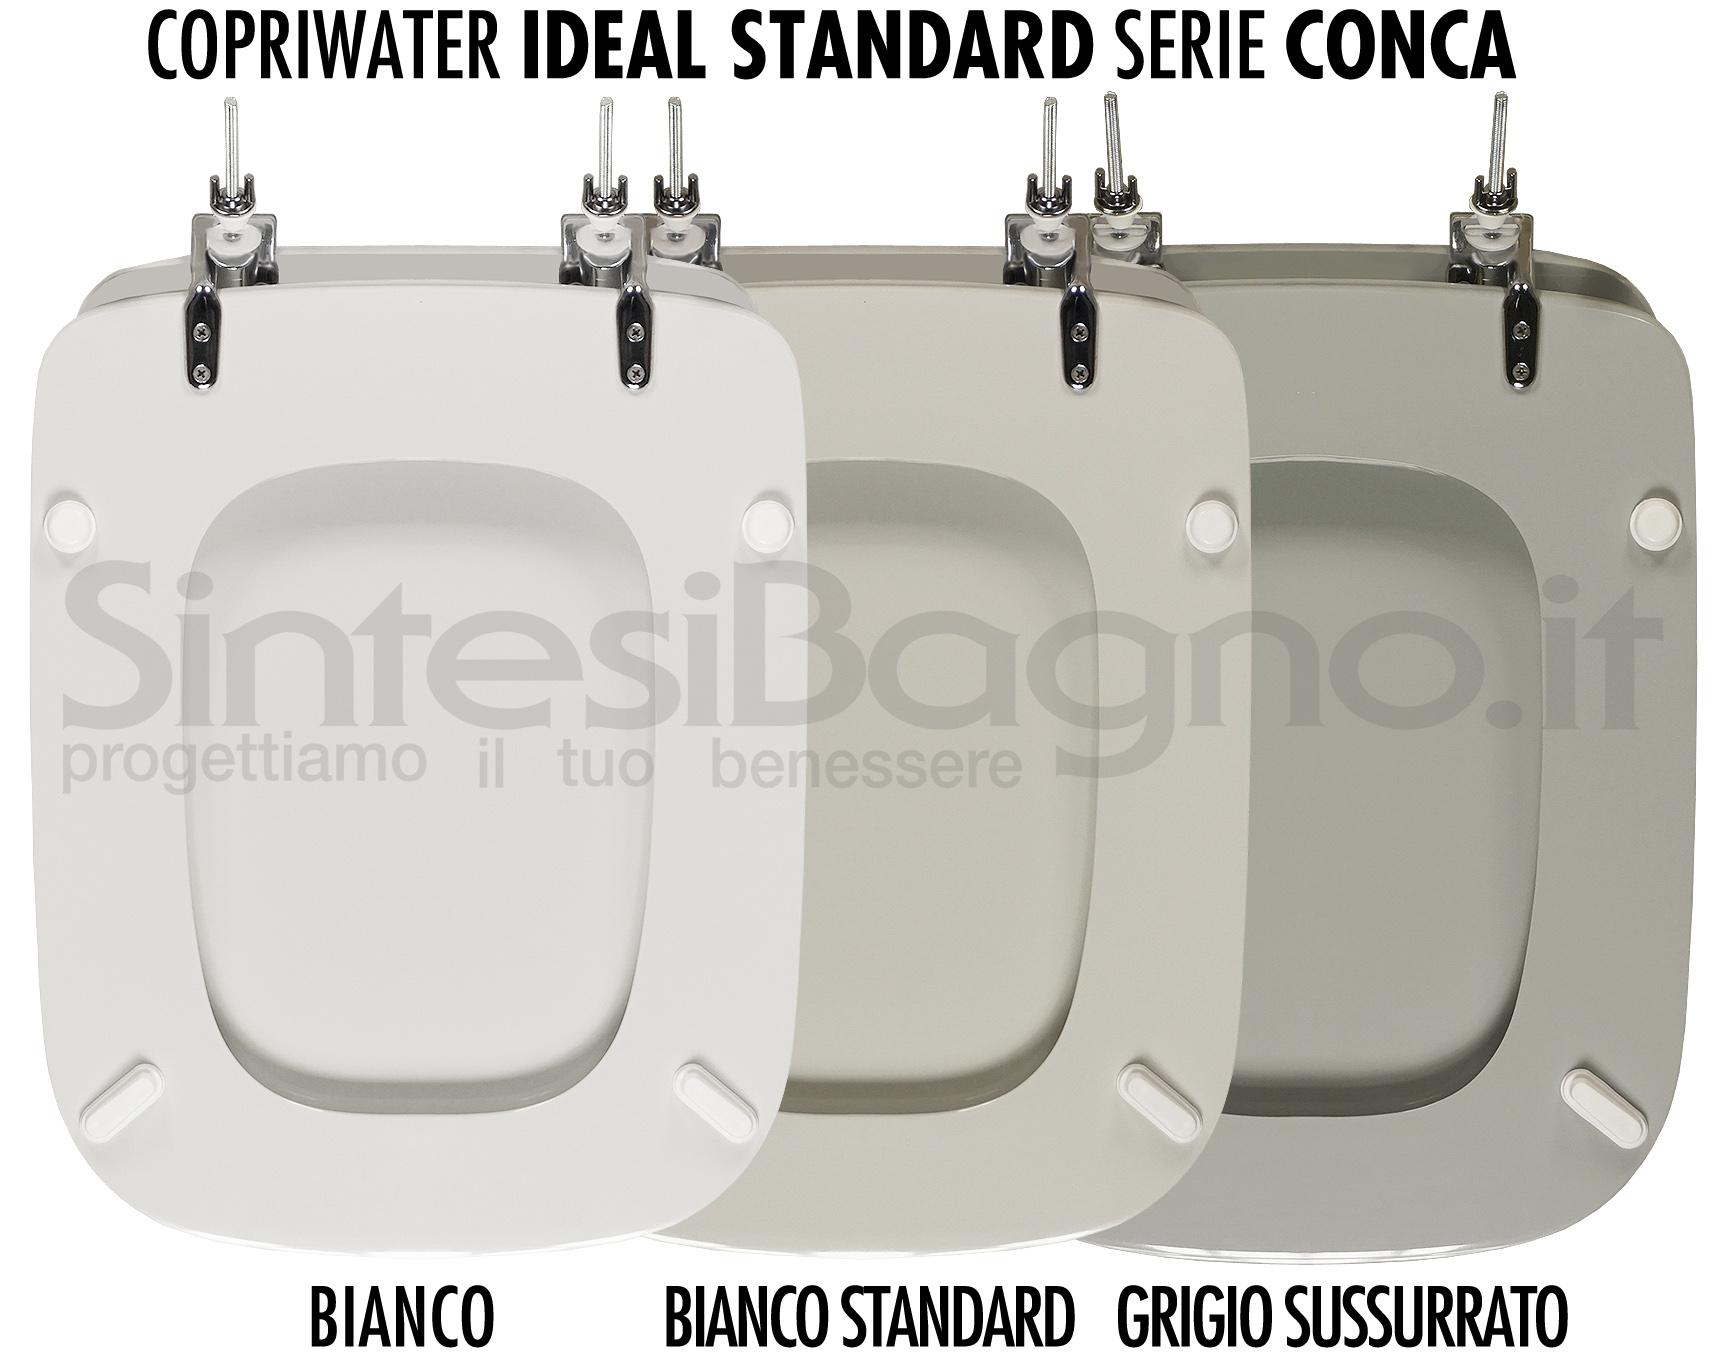 Sedile Water Ideal Standard Modello Conca.Il Copriwater Sedile Wc Conca Scopri Quale Prodotto E Perfetto Per Il Vaso Ideal Standard Tutti I Segreti Per Acquistare Un Sedile Perfetto Arredobagno News